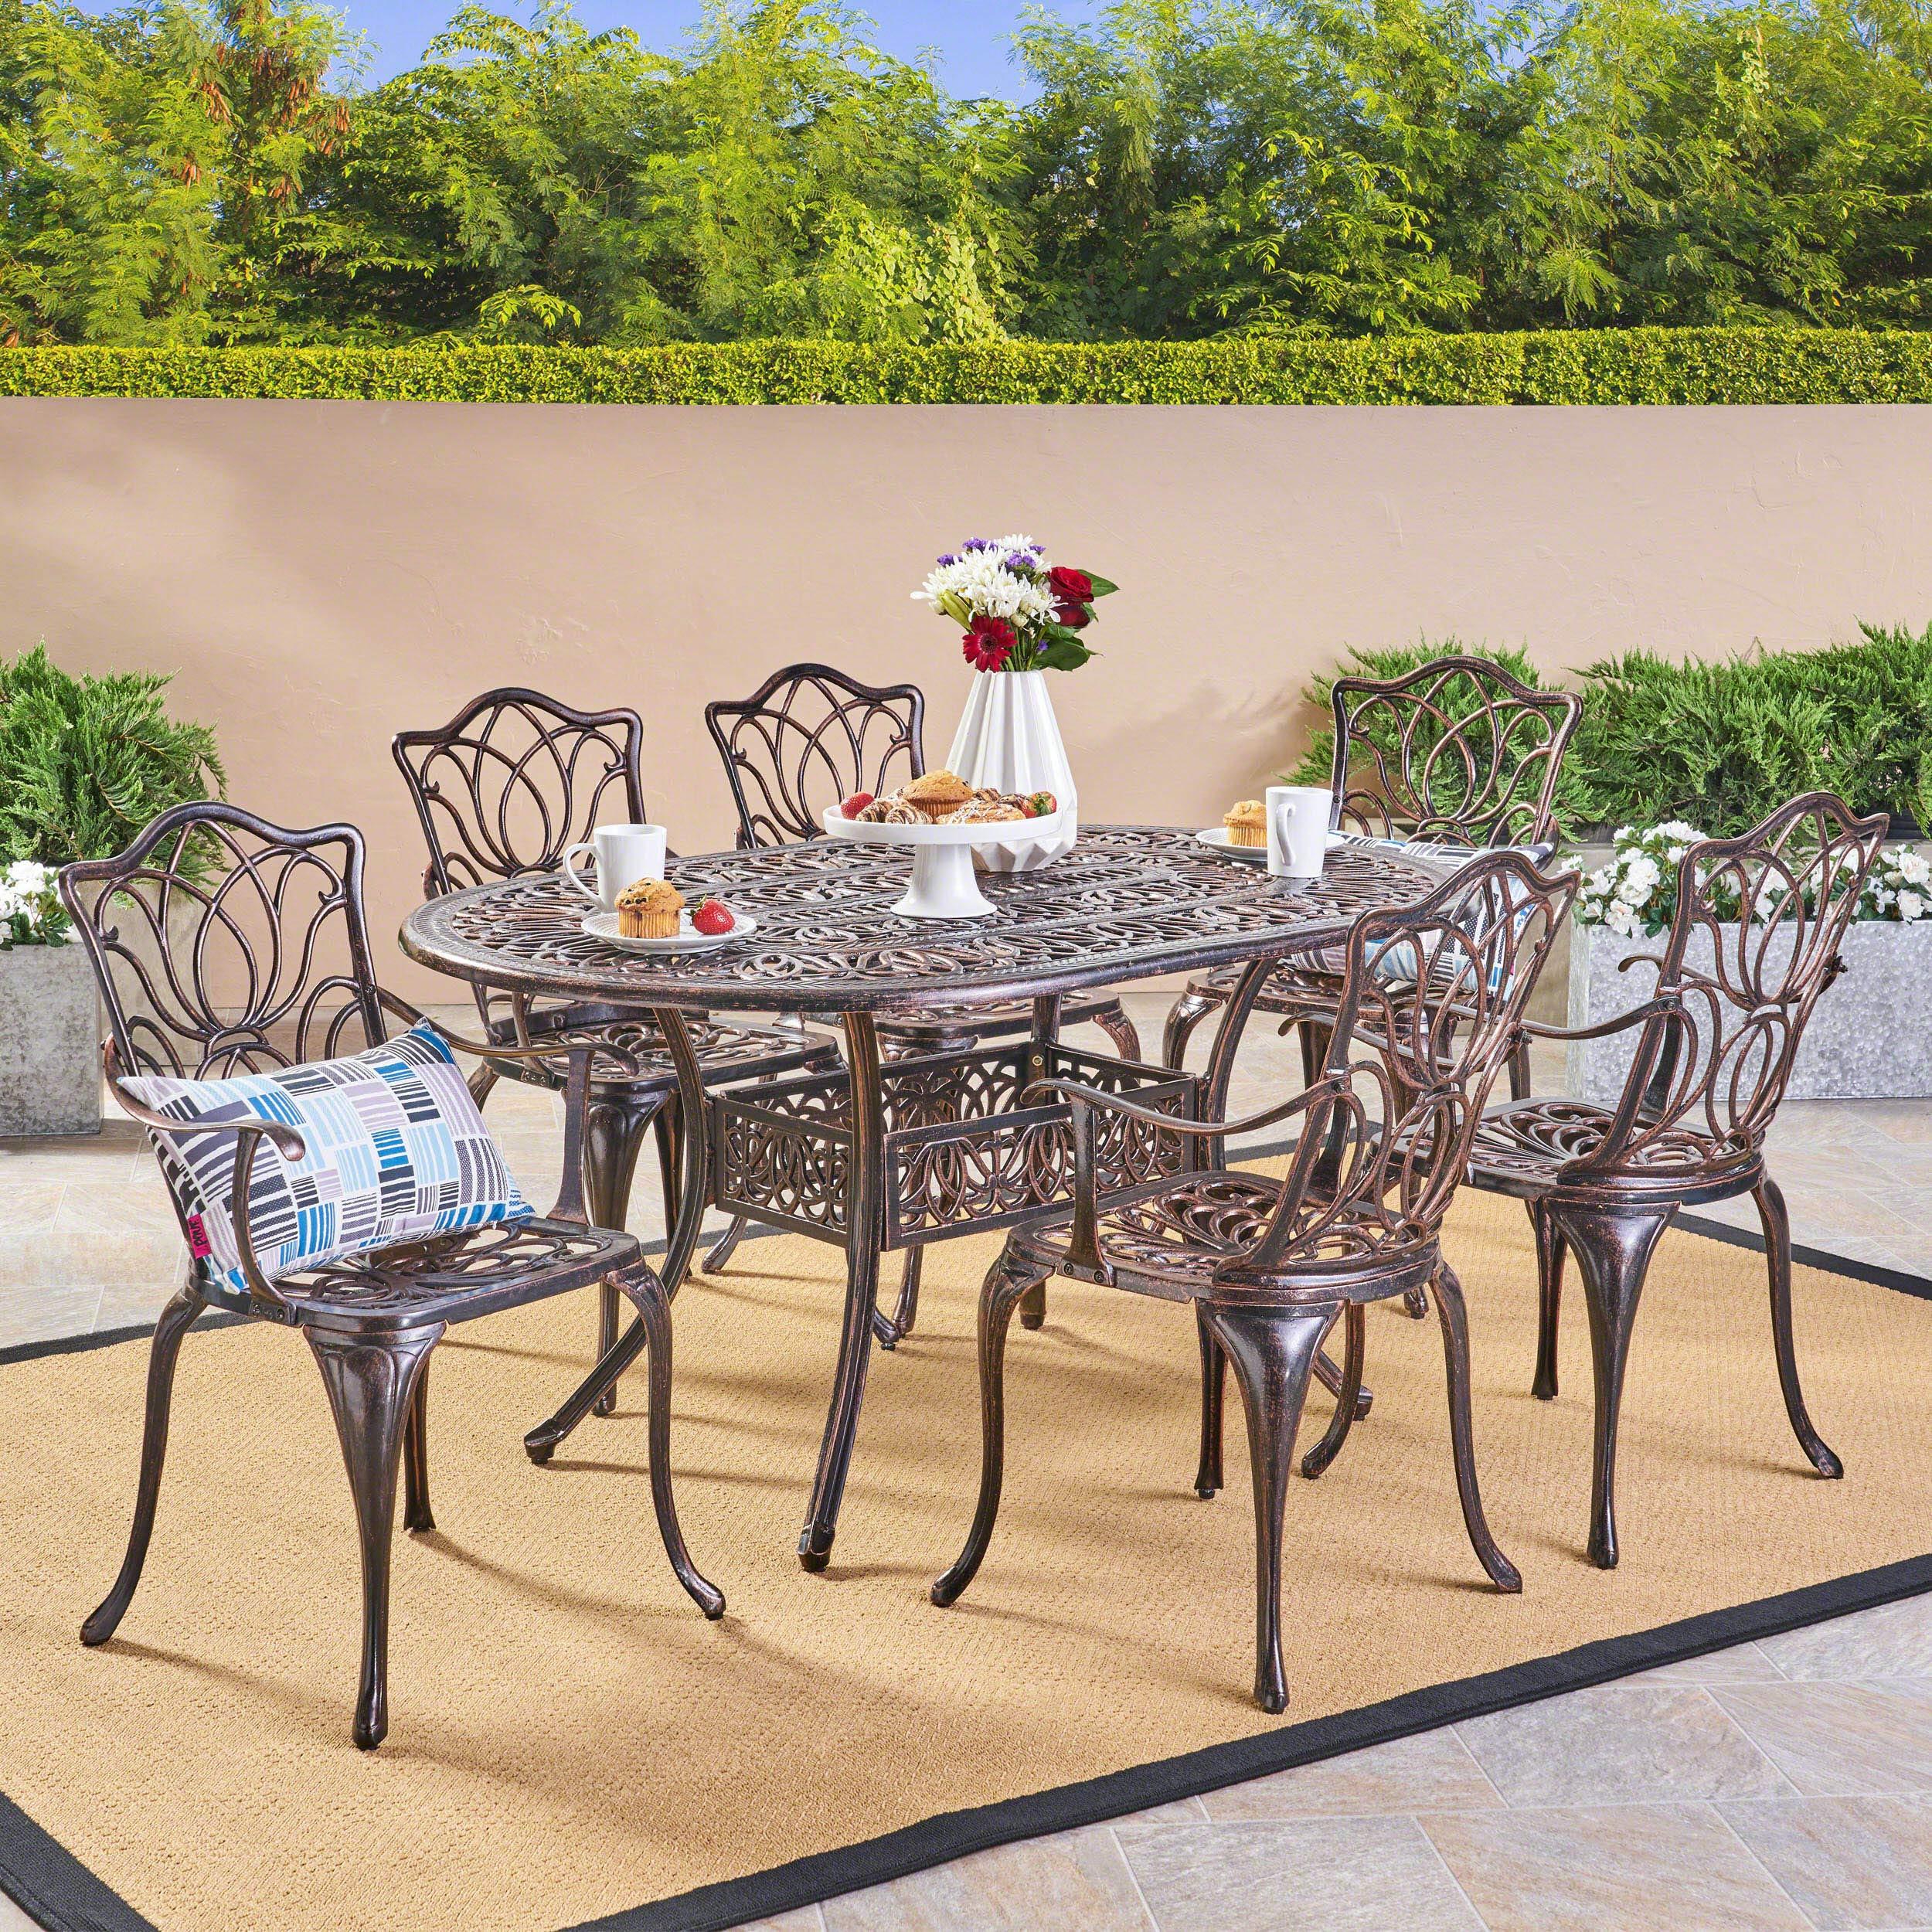 Cast Aluminum Patio Furniture 7 Piece Set Copper Oval Outdoor